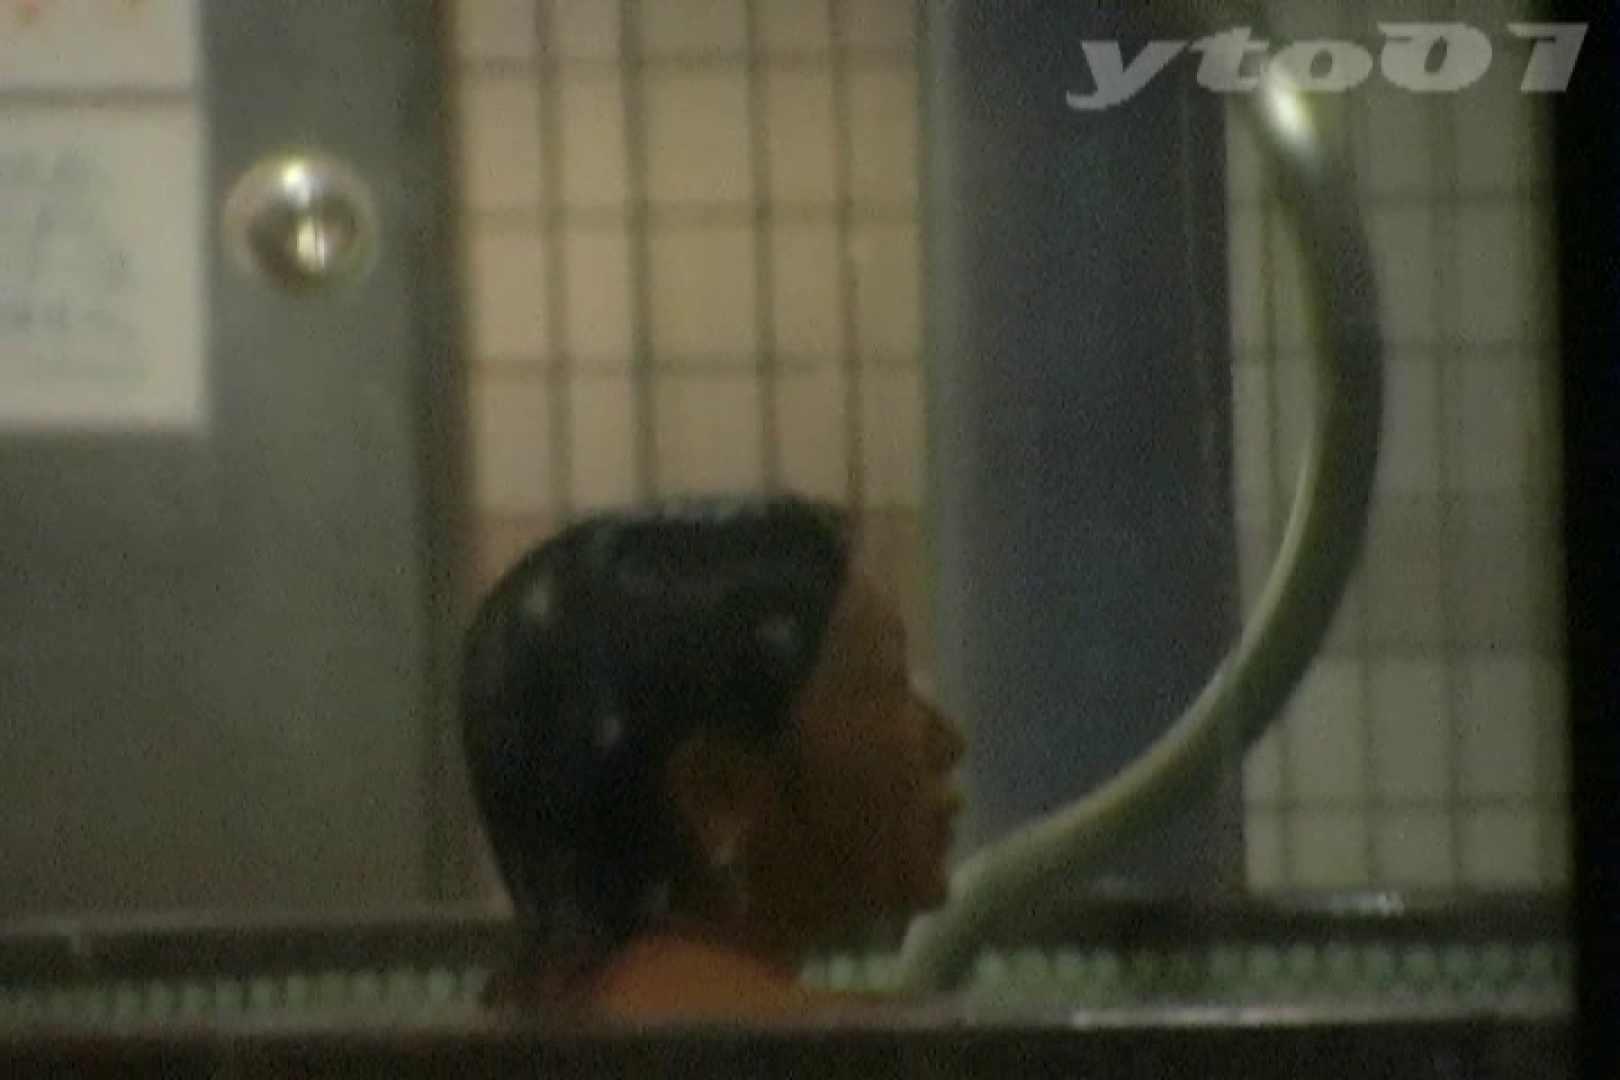 ▲復活限定▲合宿ホテル女風呂盗撮 Vol.08 女風呂 | 盗撮  101PIX